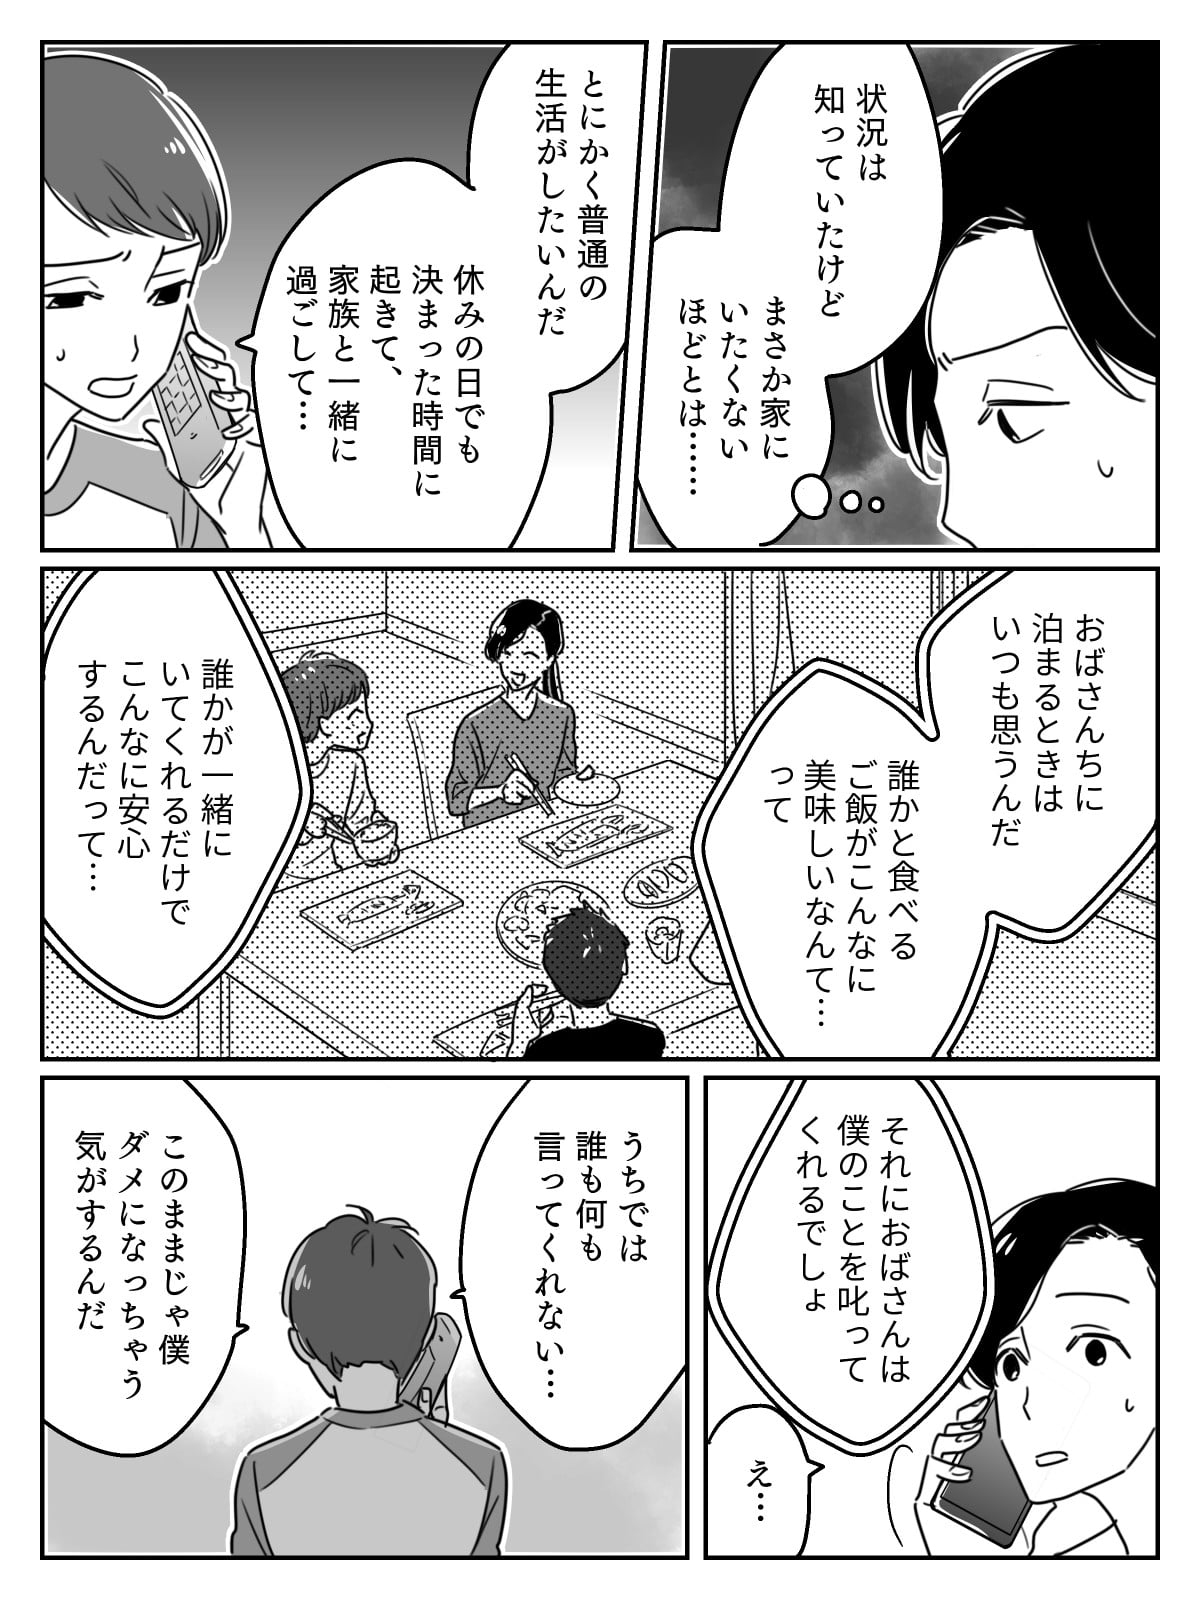 【前編】義姉夫婦が育児放棄?